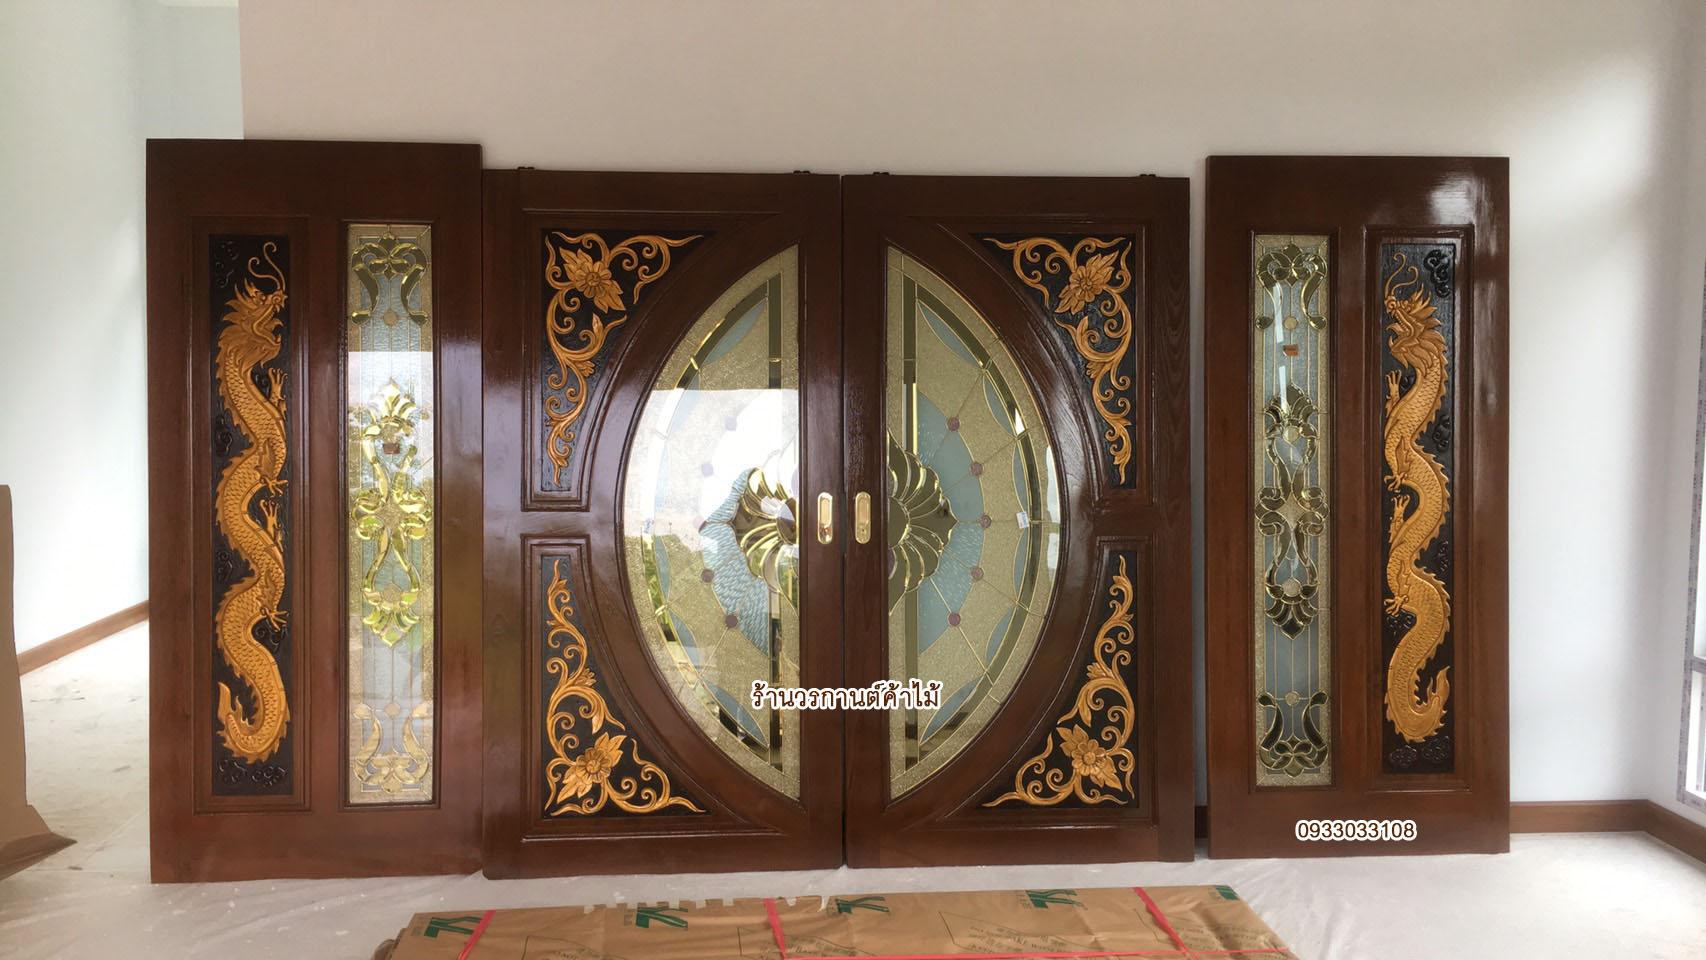 ประตูไม้สักกระจกนิรภัยแตงโมเต็มบาน ชุด4ชิ้น เกรดA รหัส AAA45